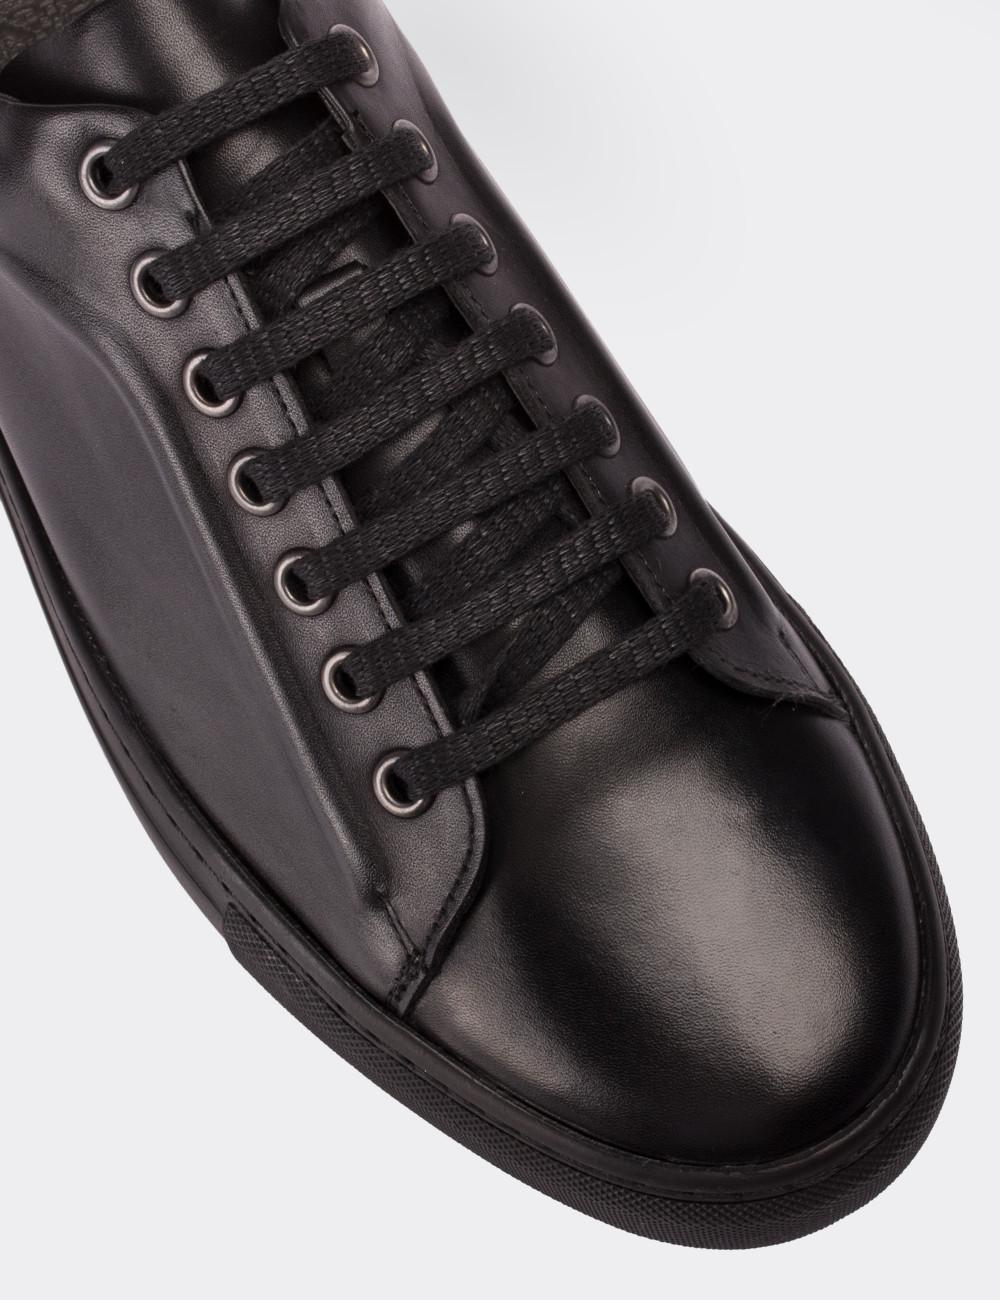 Hakiki Deri Siyah Sneaker Erkek Ayakkabı - 01669MSYHC01